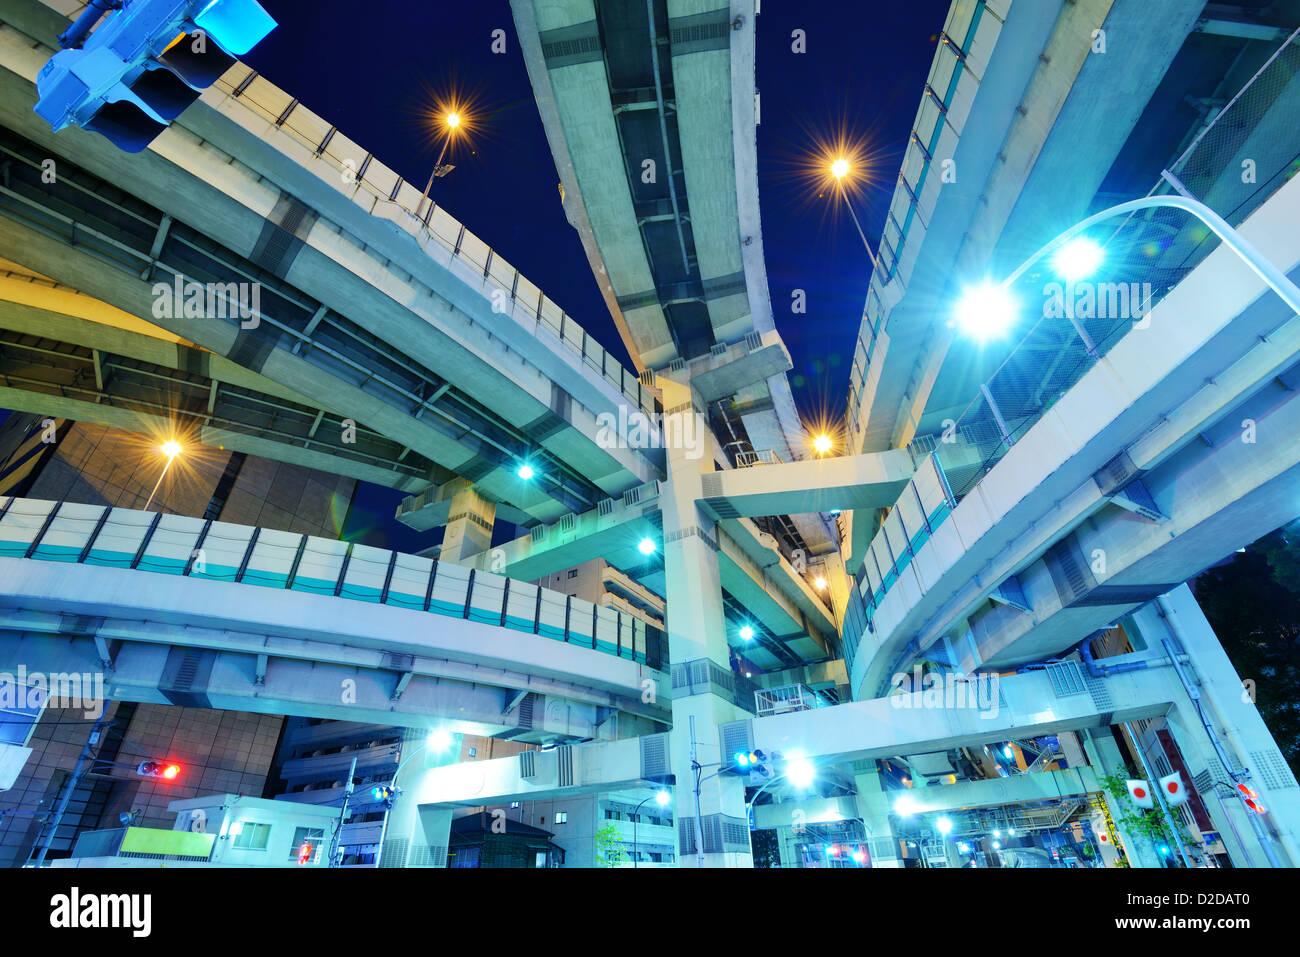 Giunzione di diverse autostrade a Tokyo in Giappone. Immagini Stock